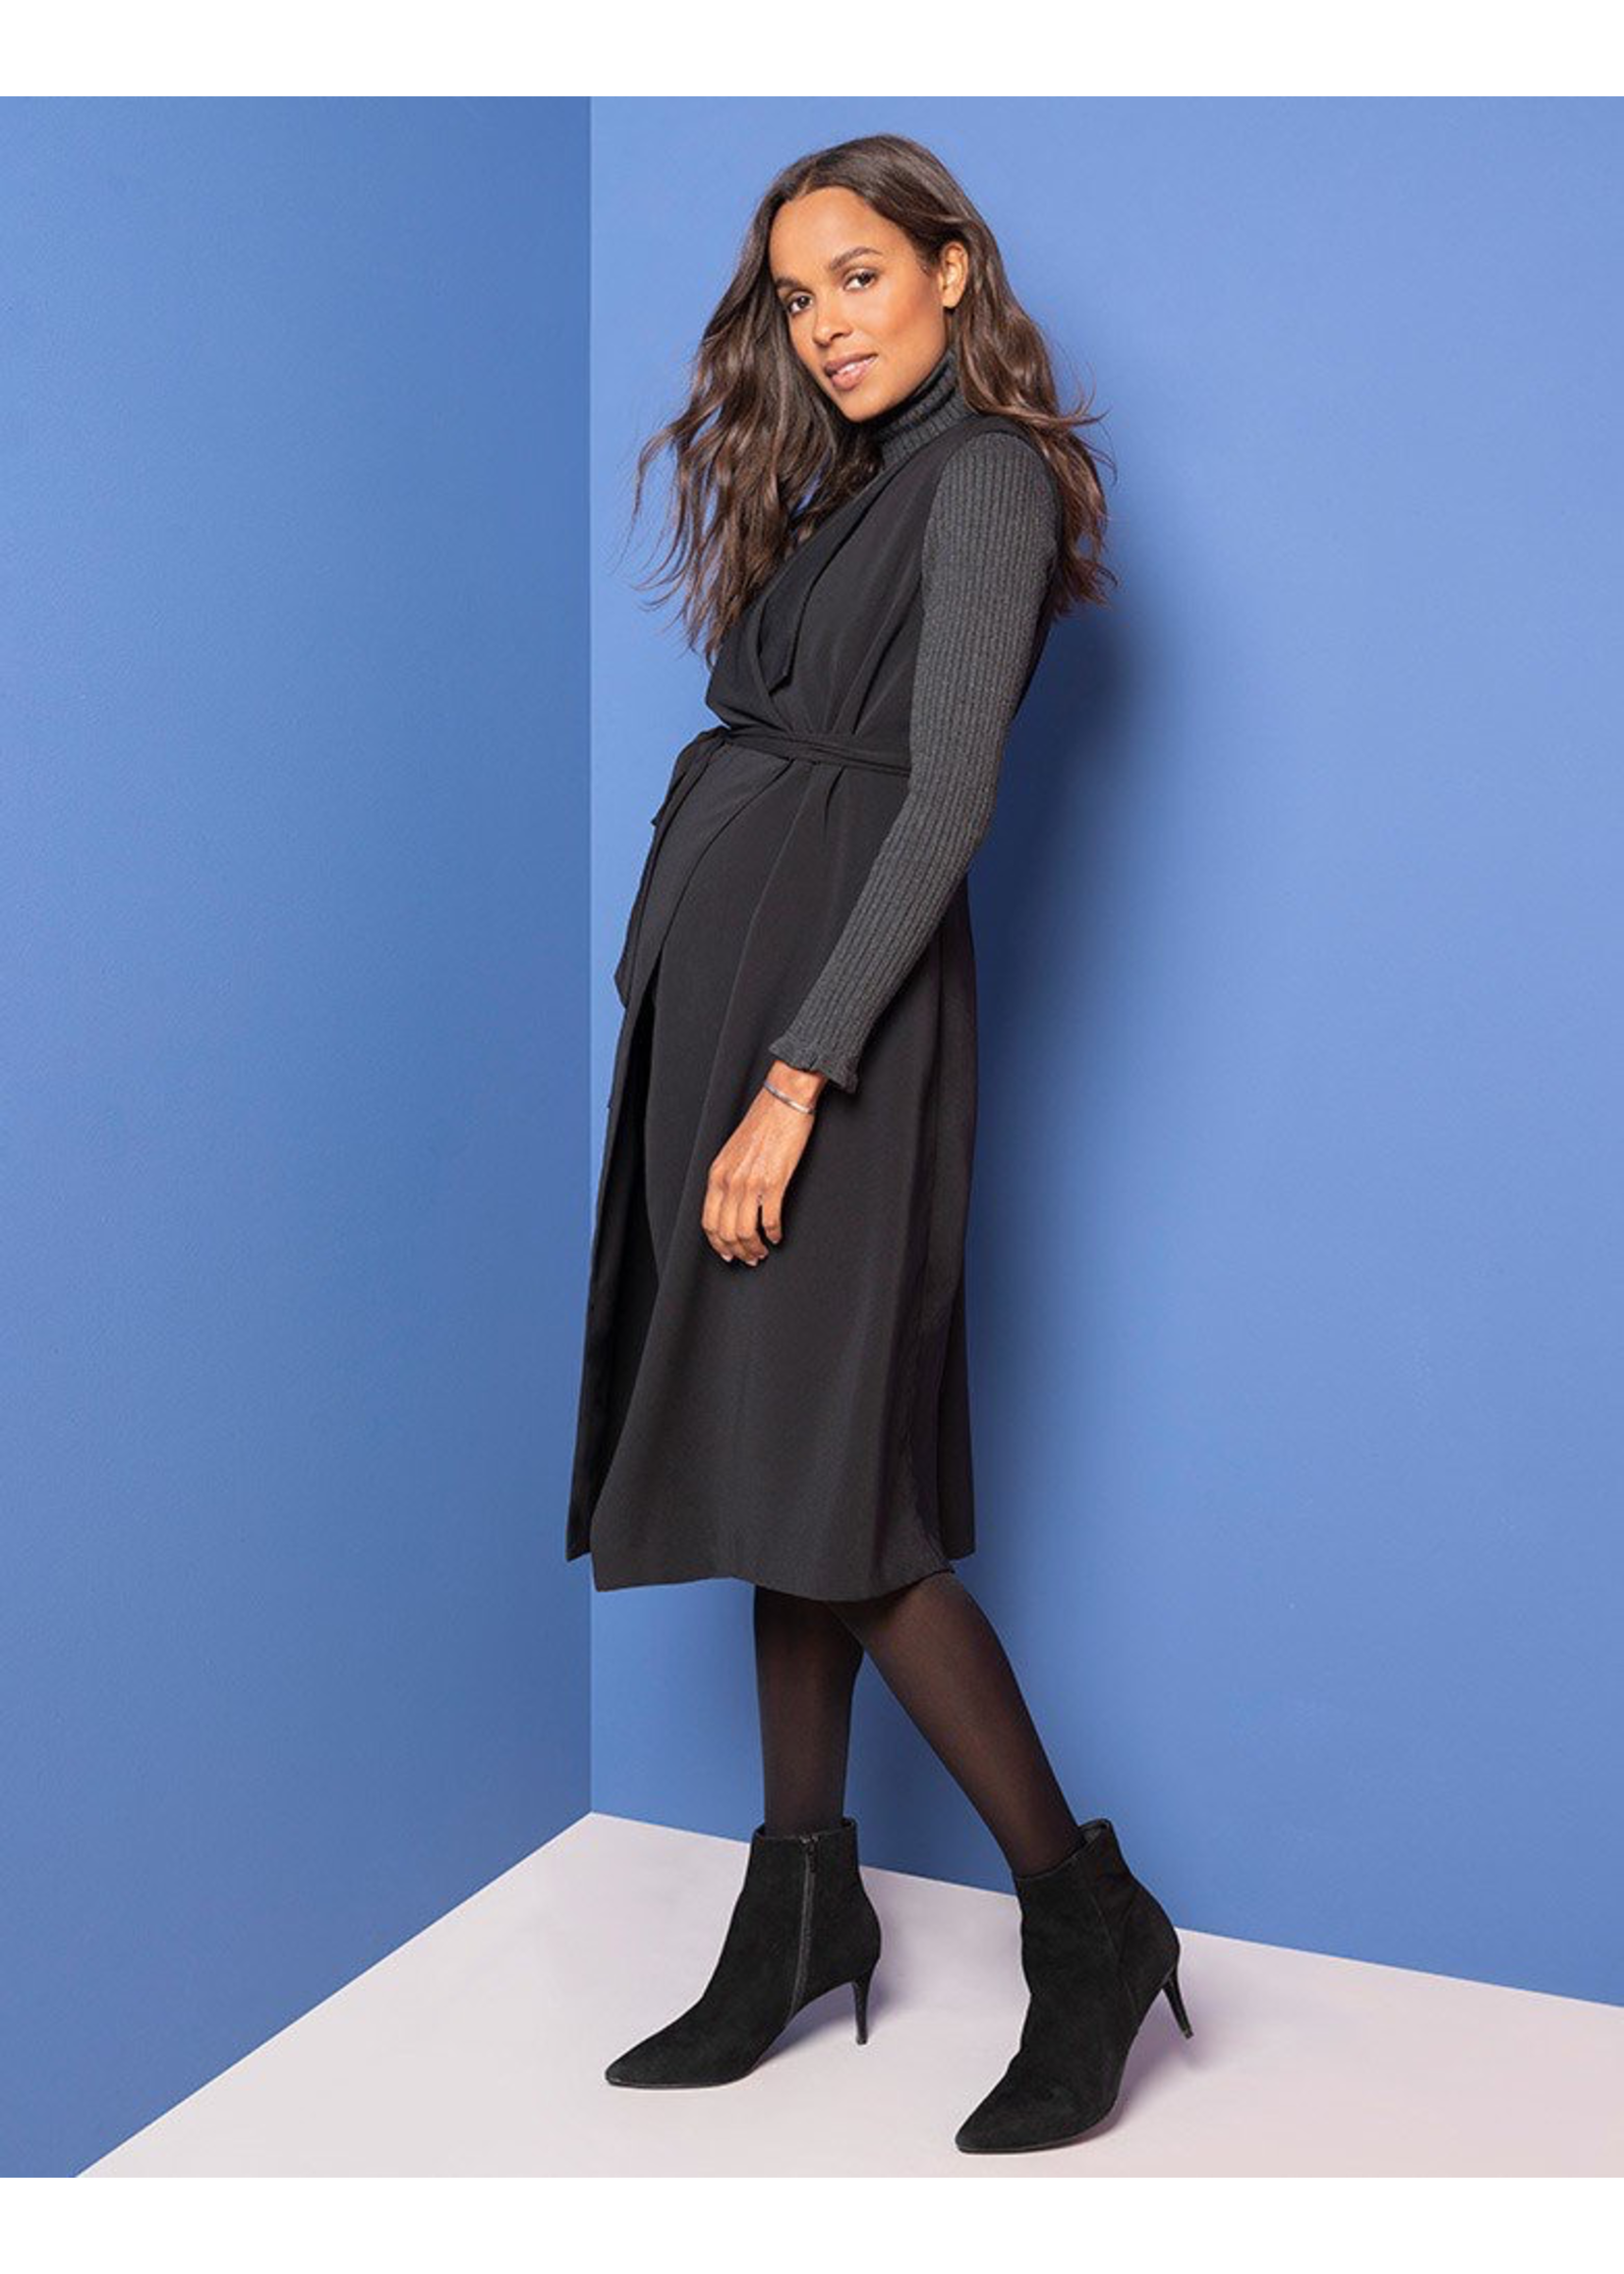 Seraphine Seraphine, Shirley Premium Sleeveless Maternity Jacket